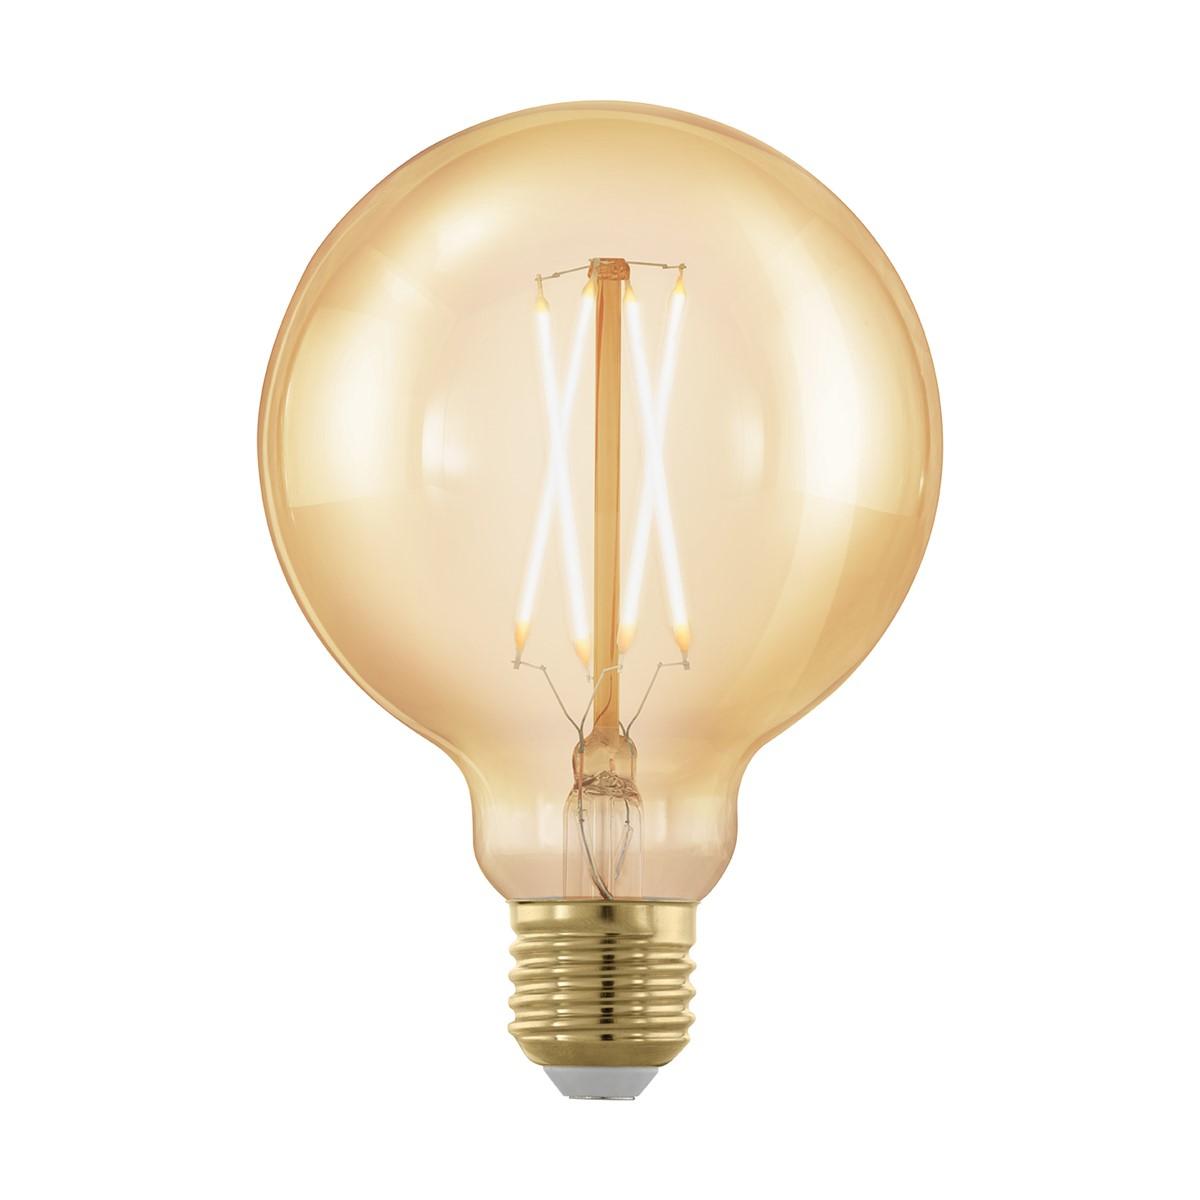 leuchtmittel e27 led g95 4w amber 1700k 1stk leuchtmittel led. Black Bedroom Furniture Sets. Home Design Ideas